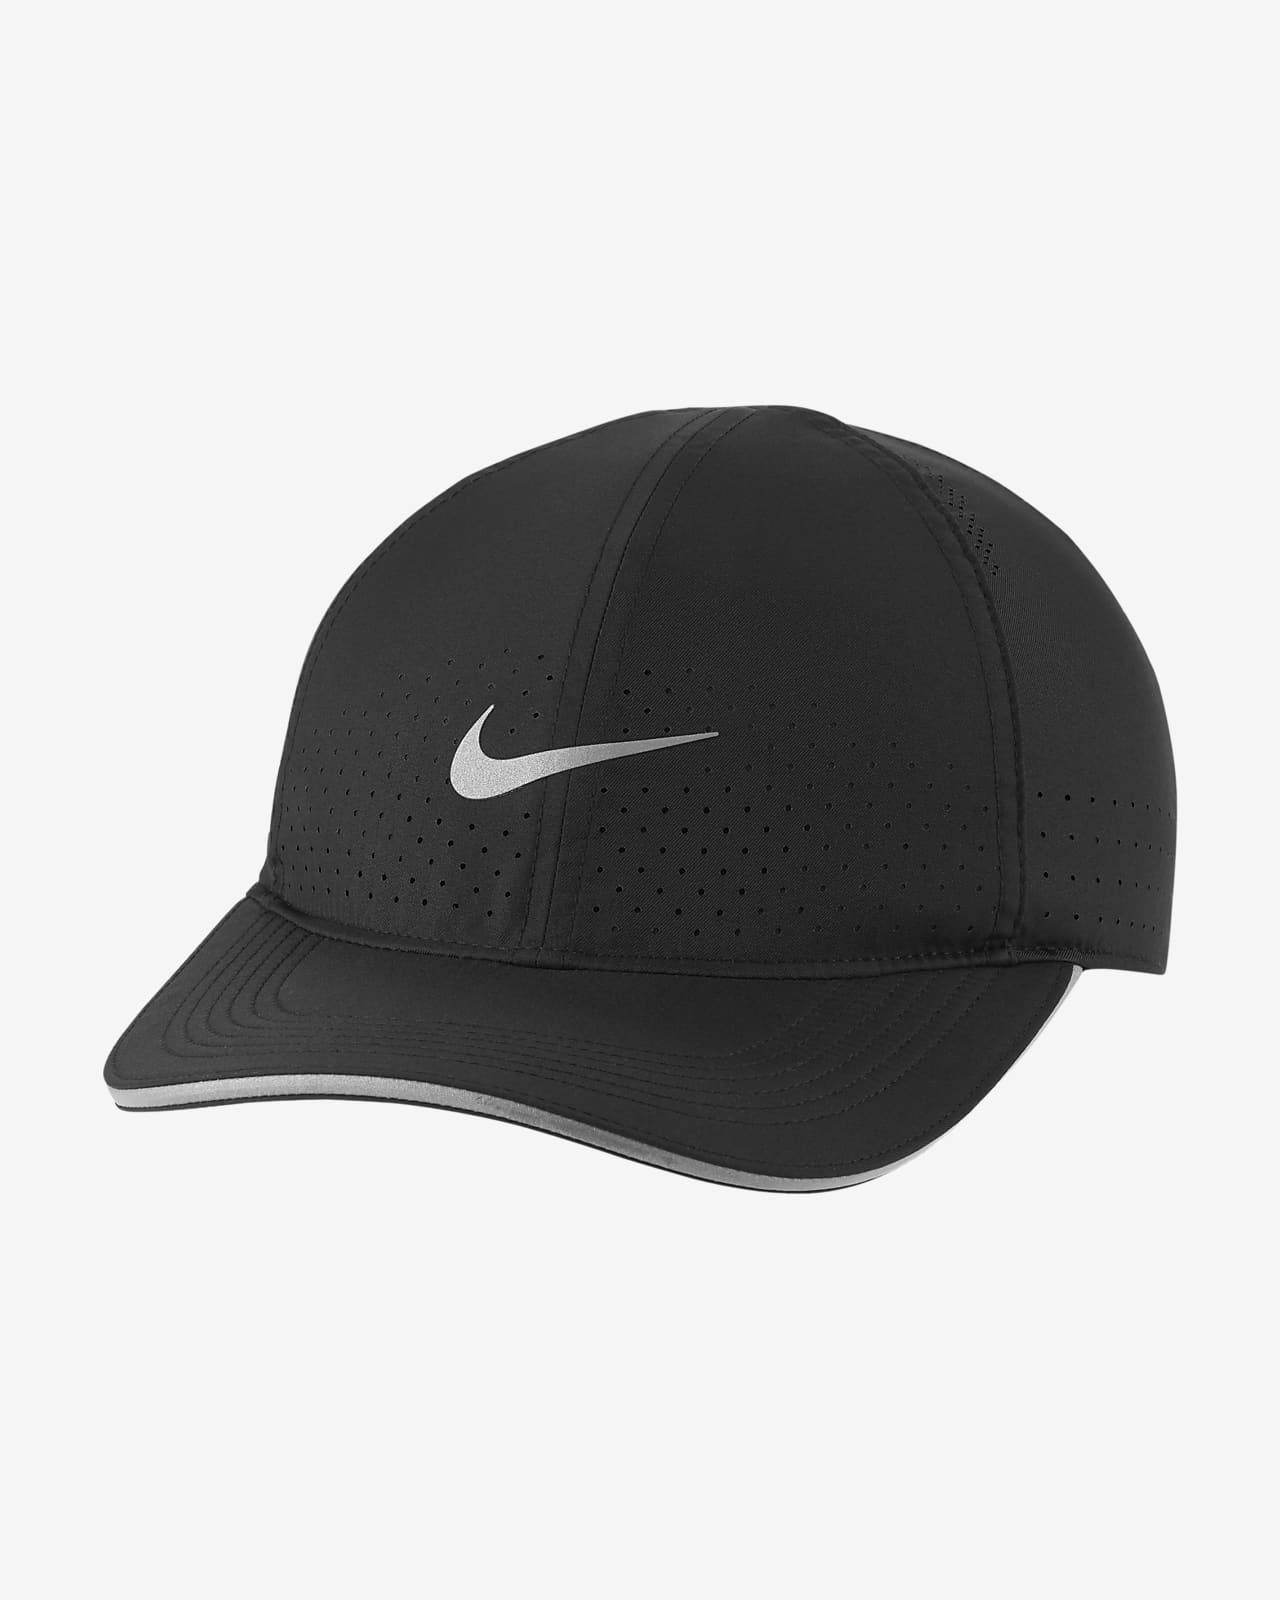 หมวกแก๊ปวิ่งแบบเจาะรูระบายอากาศ Nike Dri-FIT Aerobill Featherlight